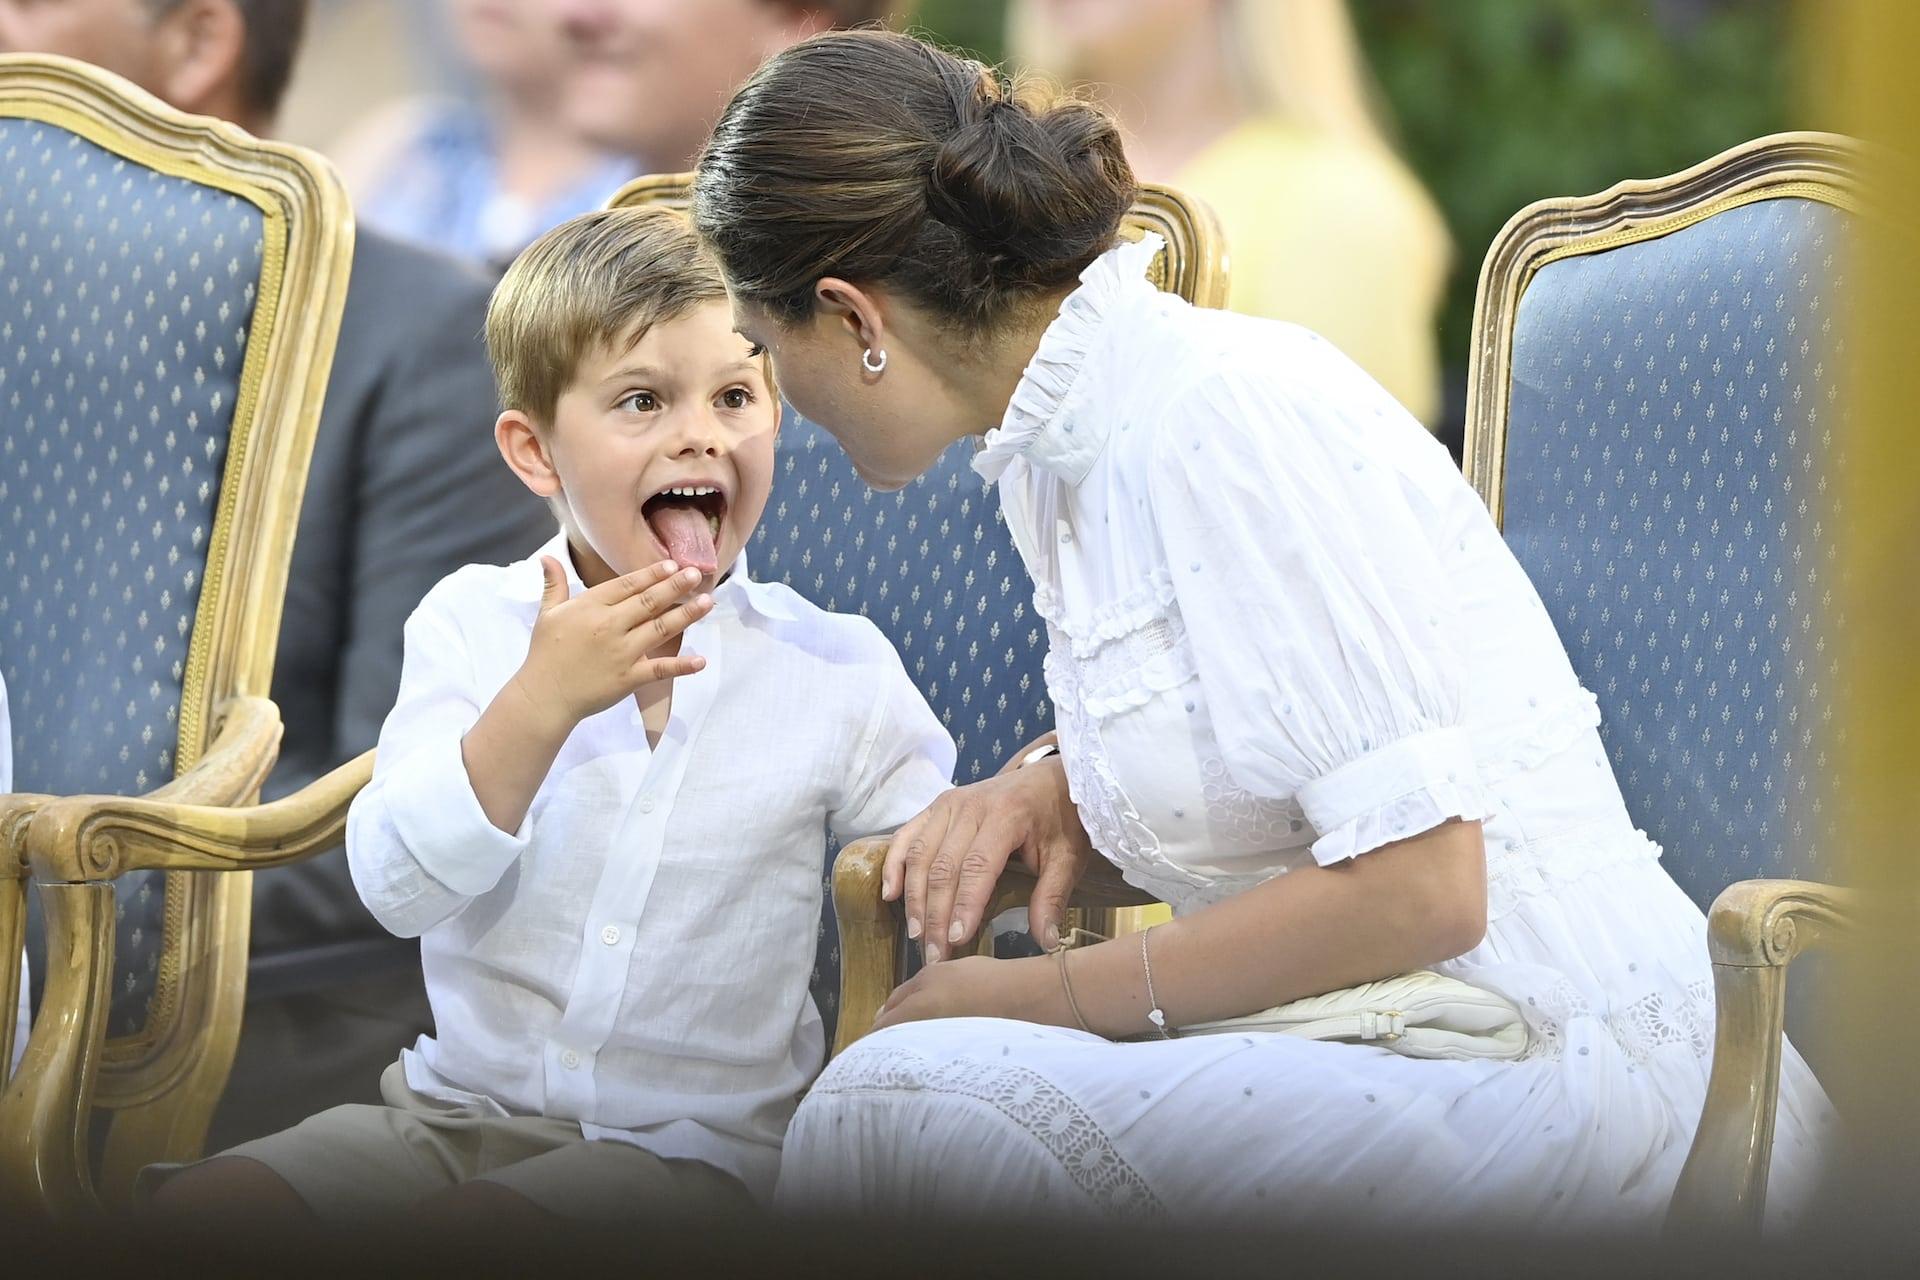 Kronprinzessin Victoria: Prinz Oscar wird zum Kaspar-König